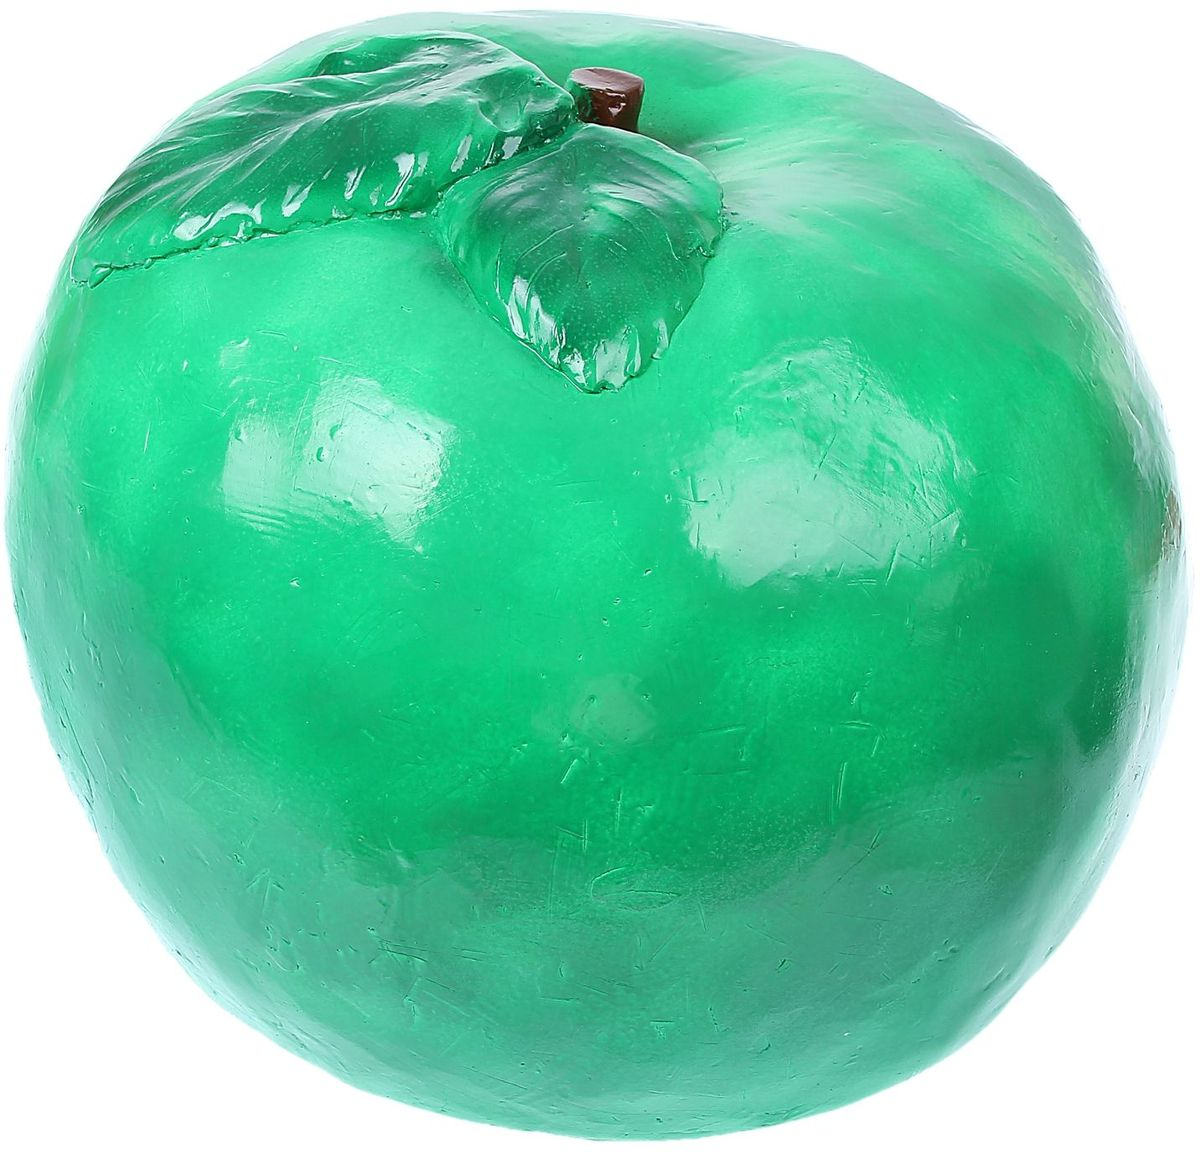 Фигура садовая Зеленое яблоко, 30 х 38 х 38 смC0038550Не удаётся вырастить крупные фрукты? Не беда. Это большое яркое яблоко затмит на садовом участке любой урожай. Колоритный декор добавит окружающему пространству новые краски, удивит соседей и вызовет восторг гостей.С помощью яркой садовой фигуры легко расставить акценты: например, привлечь внимание к цветочной клумбе или водоёму. Фигура из гипса отличается лёгкостью, экологичностью и долговечностью. Украшайте любимый сад оригинально.